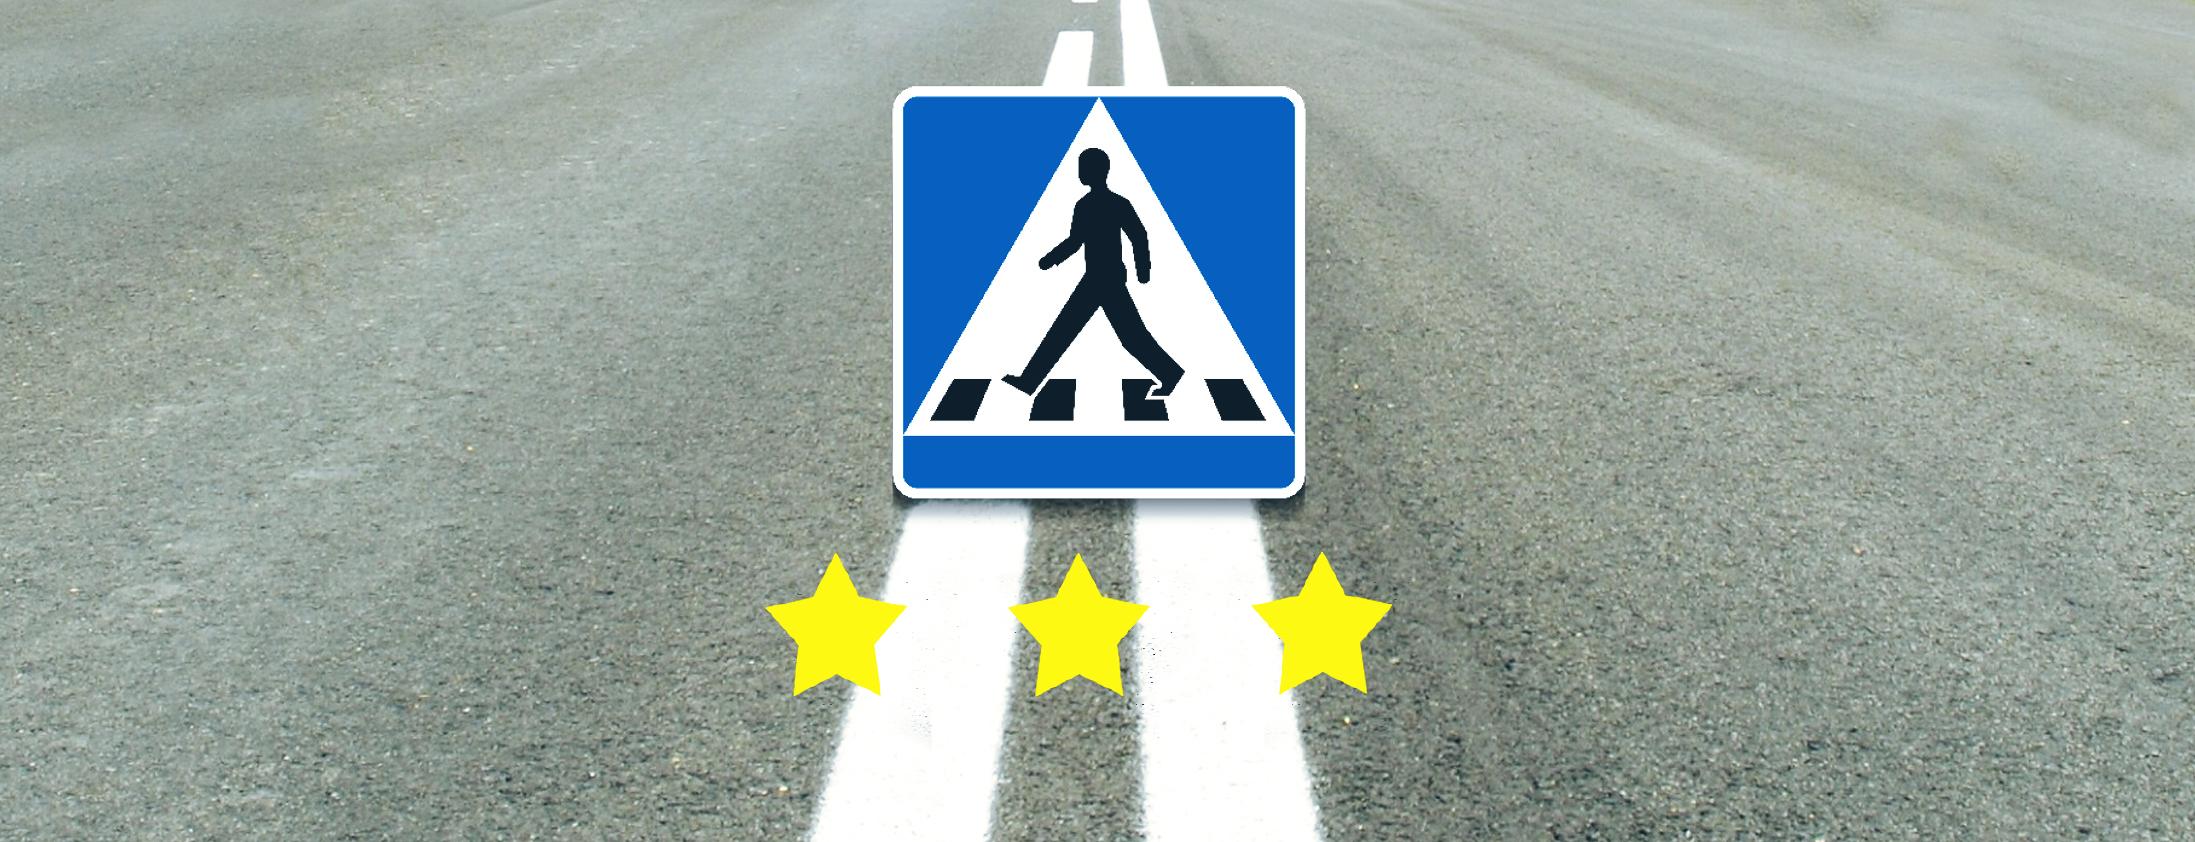 """En """"Herr Går Man"""" skylt som visar att det kommer ett övergångsställe med tre stjärnor på."""